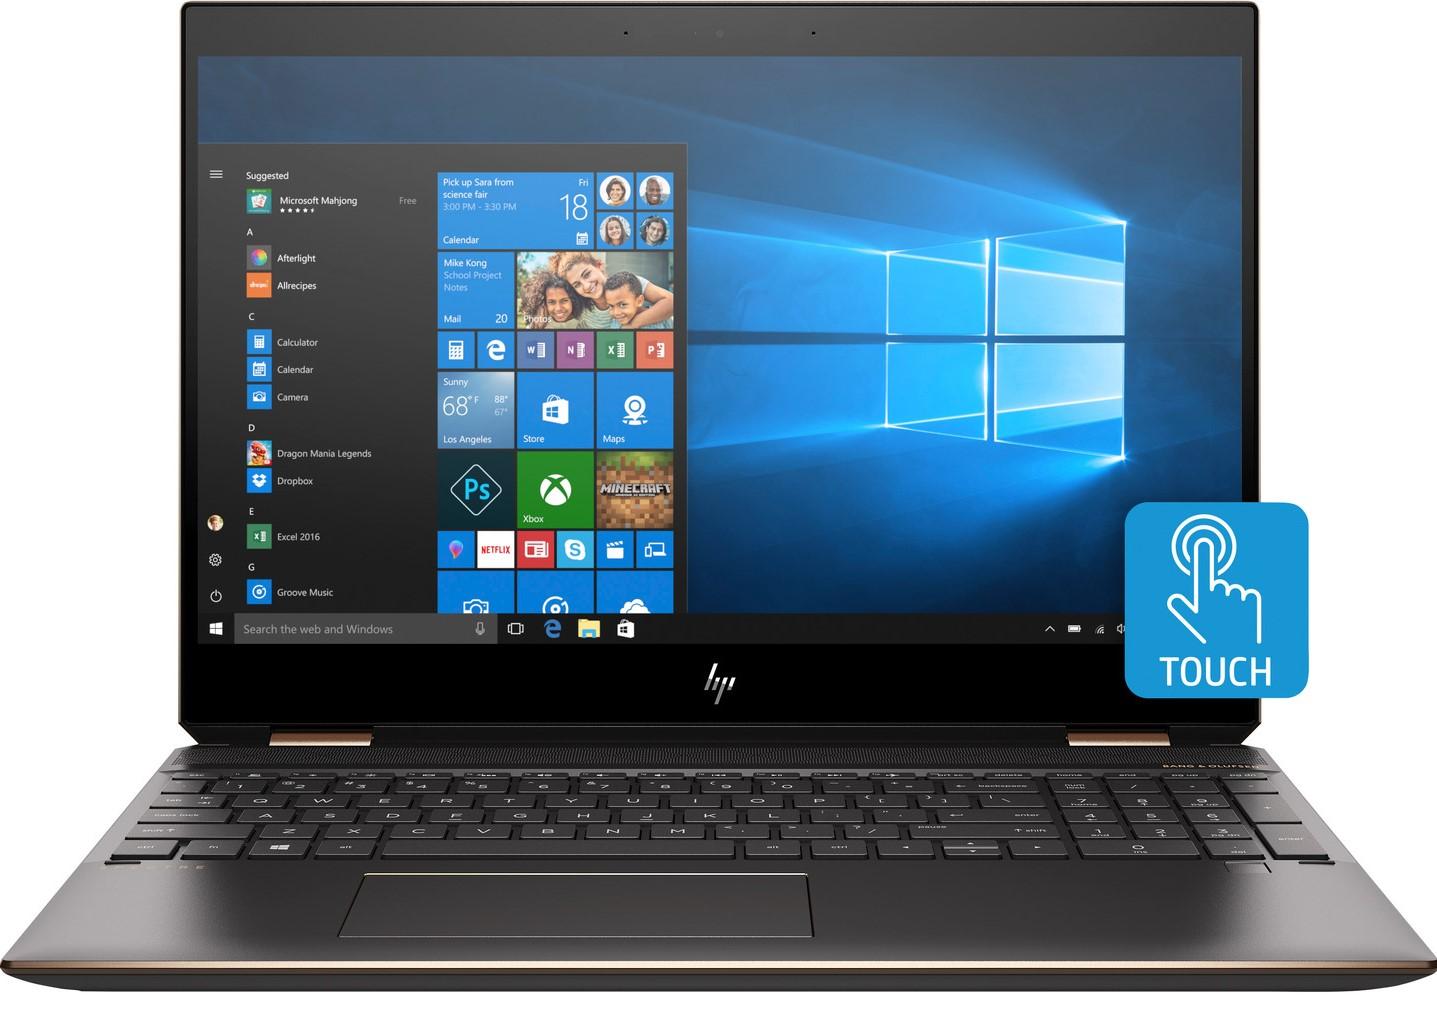 HP Spectre x360 15-df1000nx